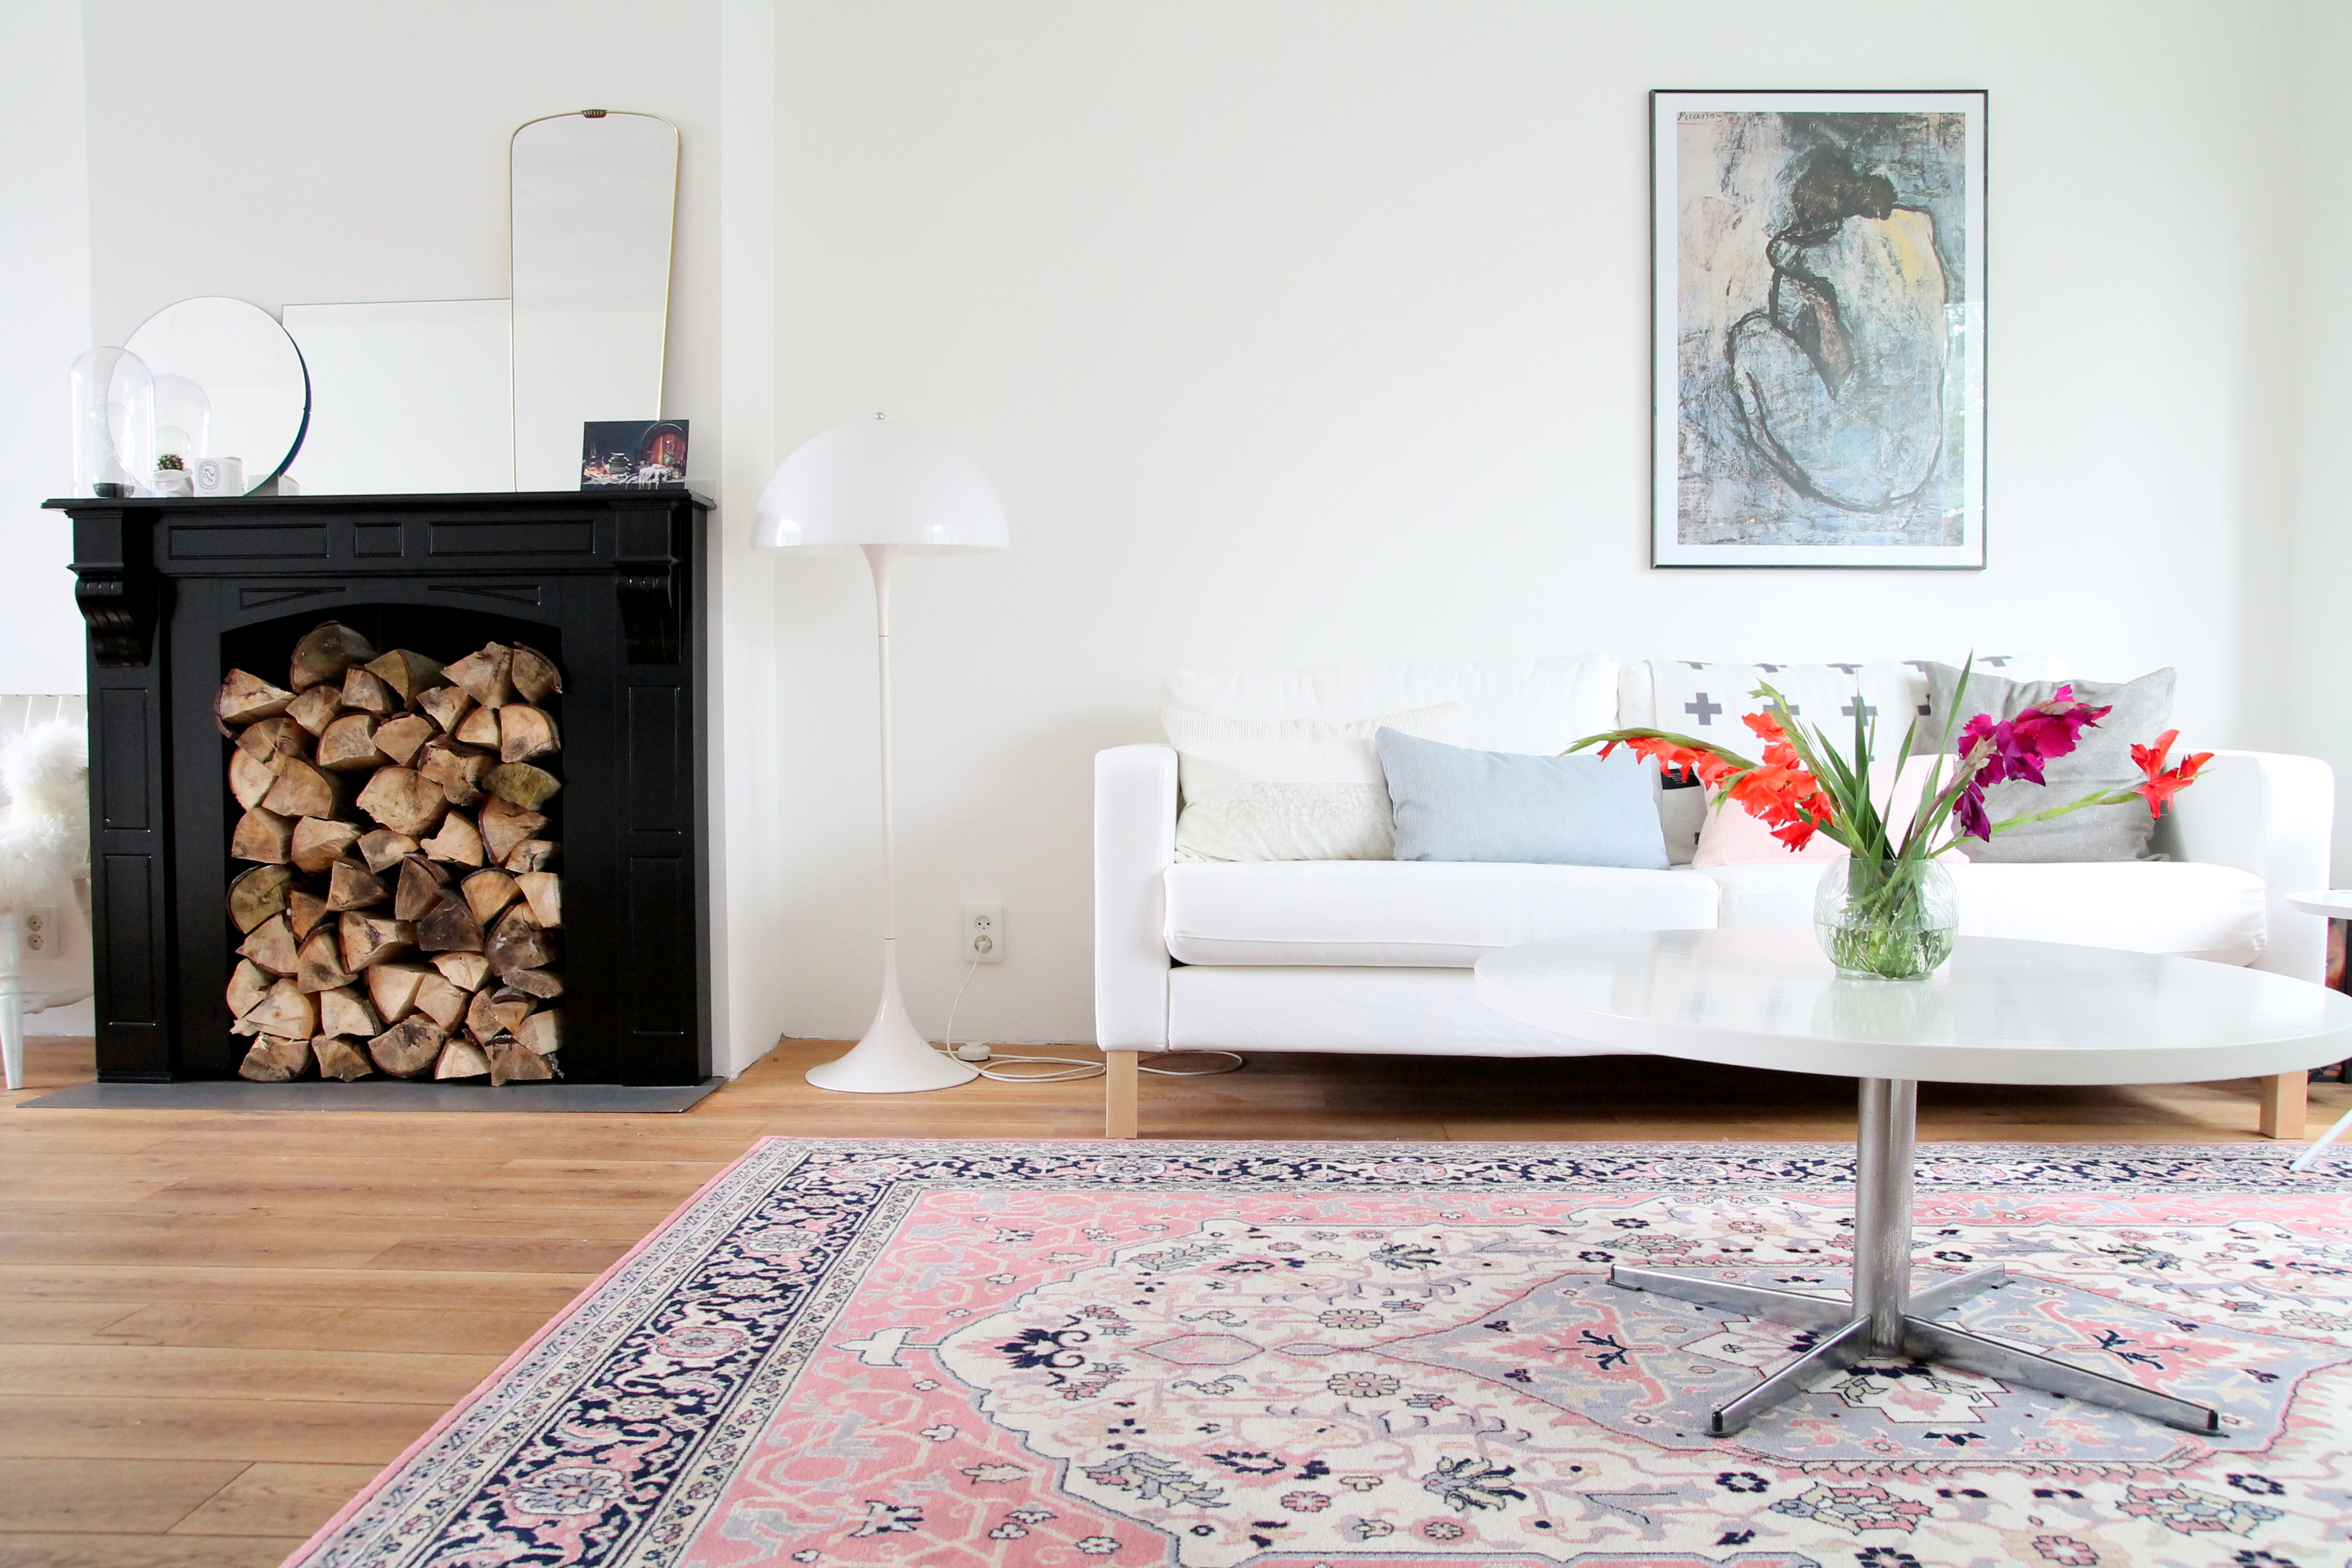 Ongebruikt New couch: Ikea Karlstad! - donebymyself TU-89